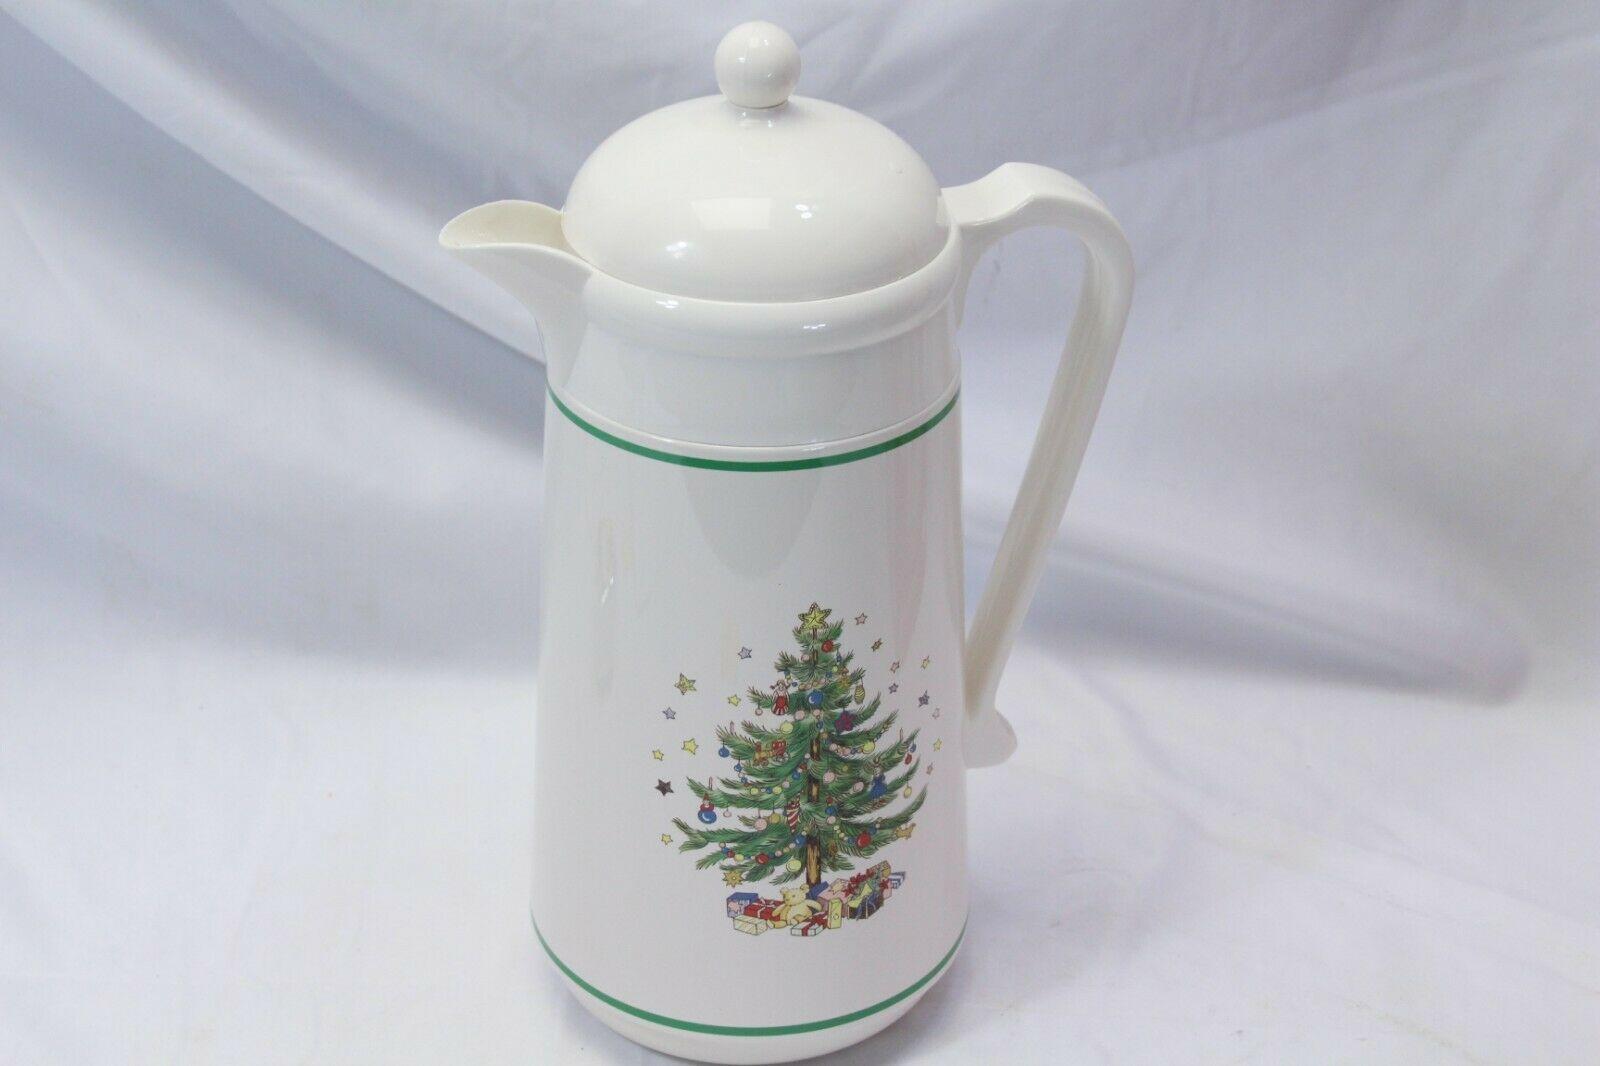 Nikko Christmas Carafe One Liter Thermal  image 2